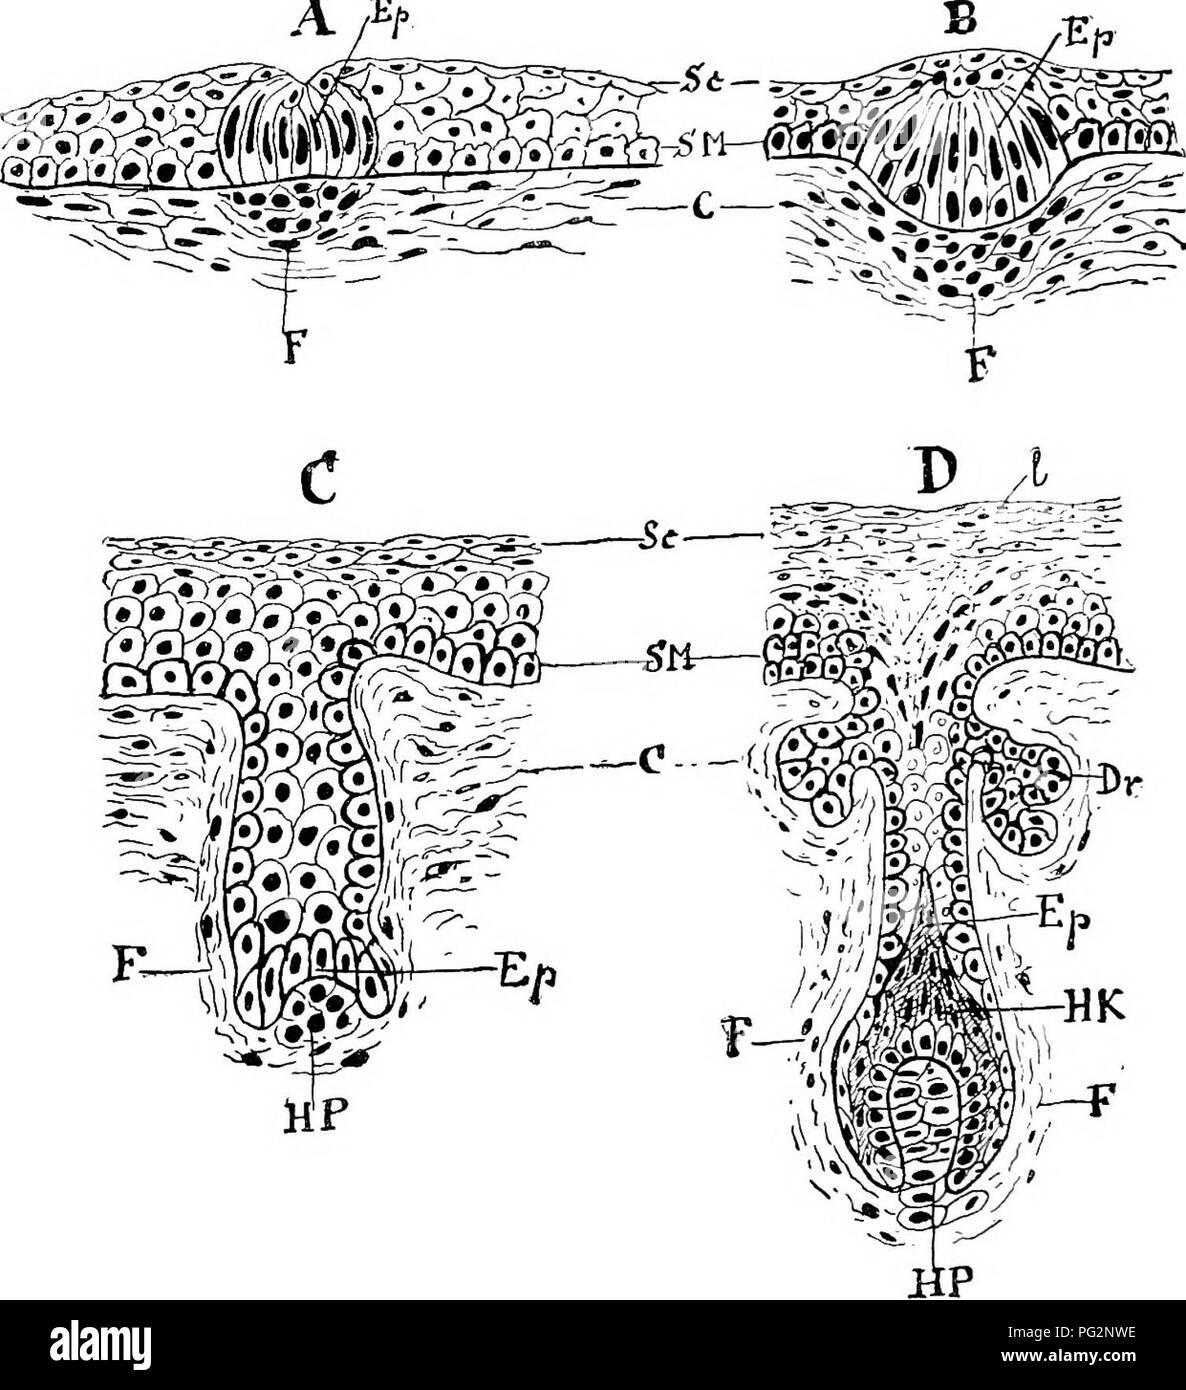 Follicular Cells Imágenes De Stock & Follicular Cells Fotos De Stock ...